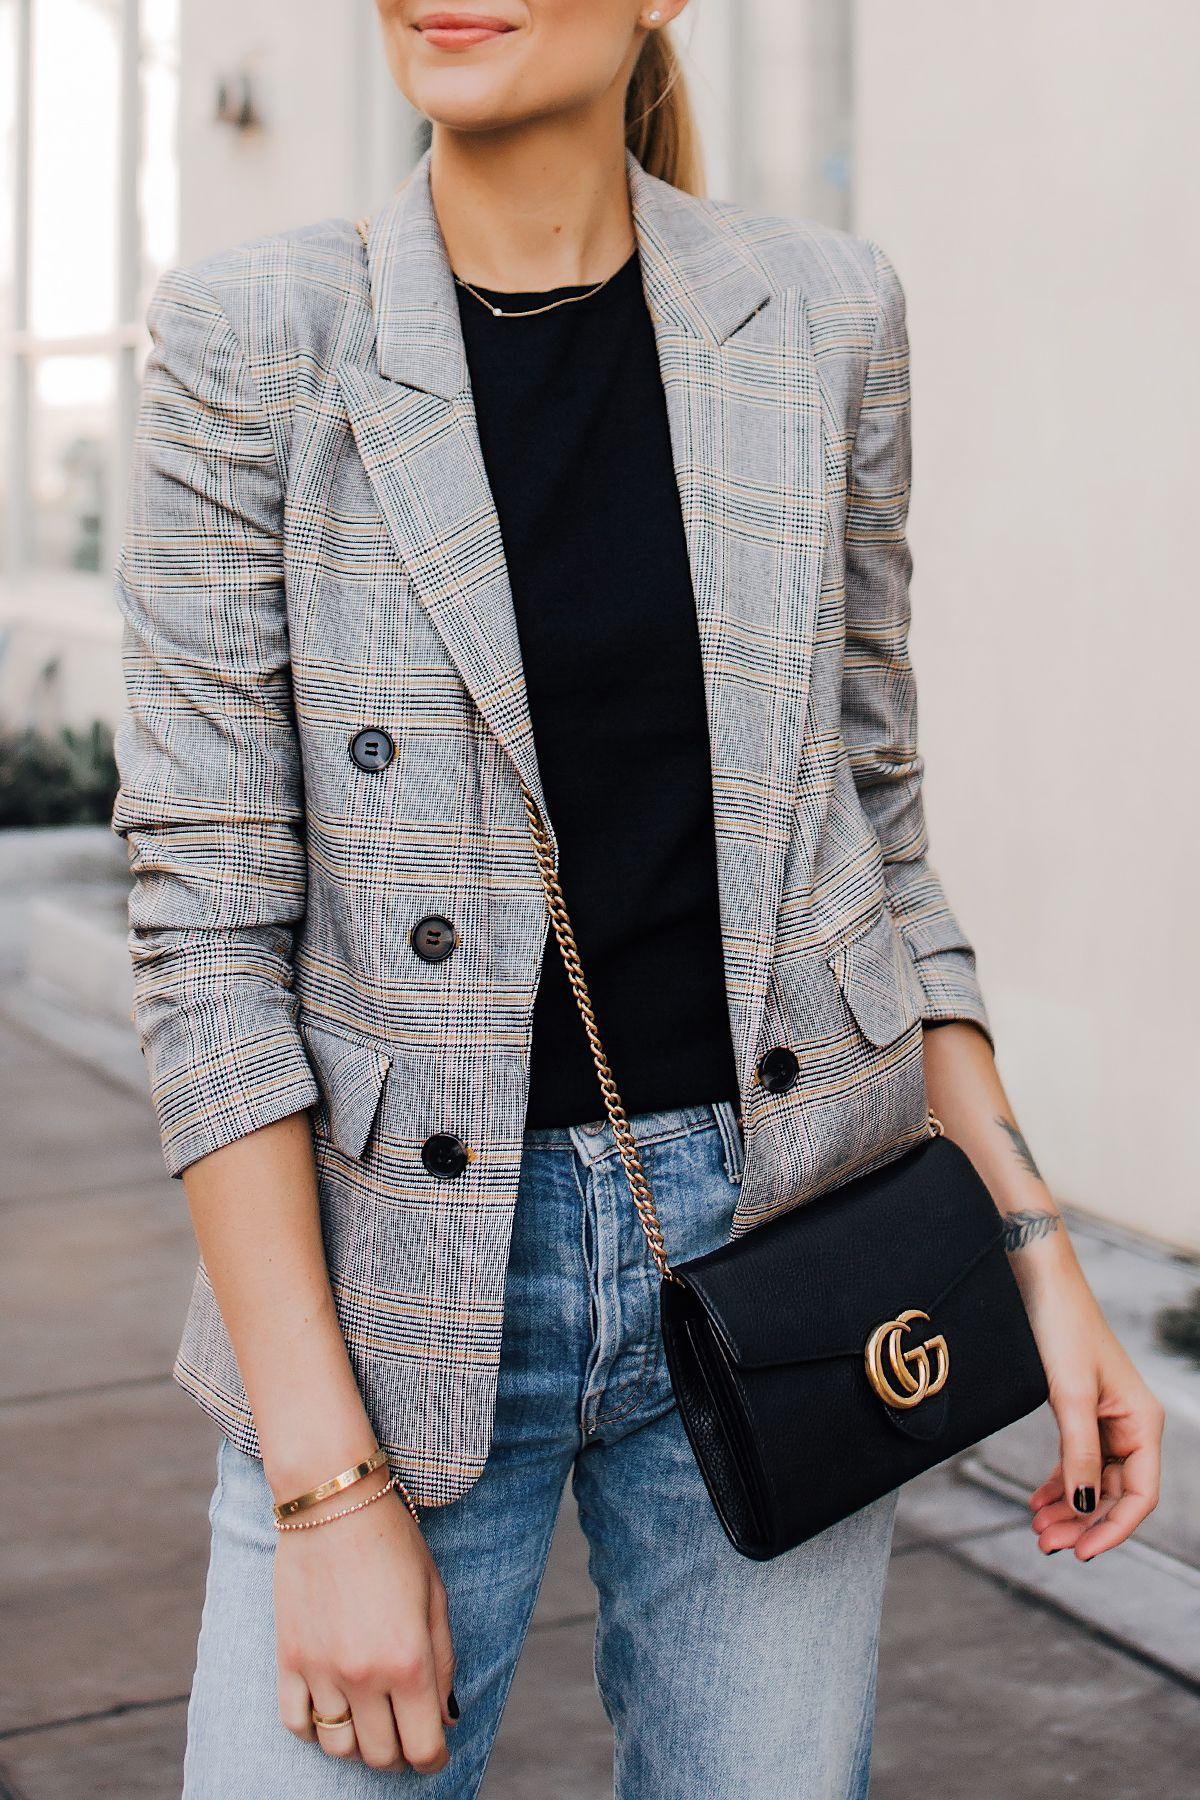 Woman Wearing Plaid Blazer Outfit Jeans Gucci Black Handbag Fashion Jackson San …